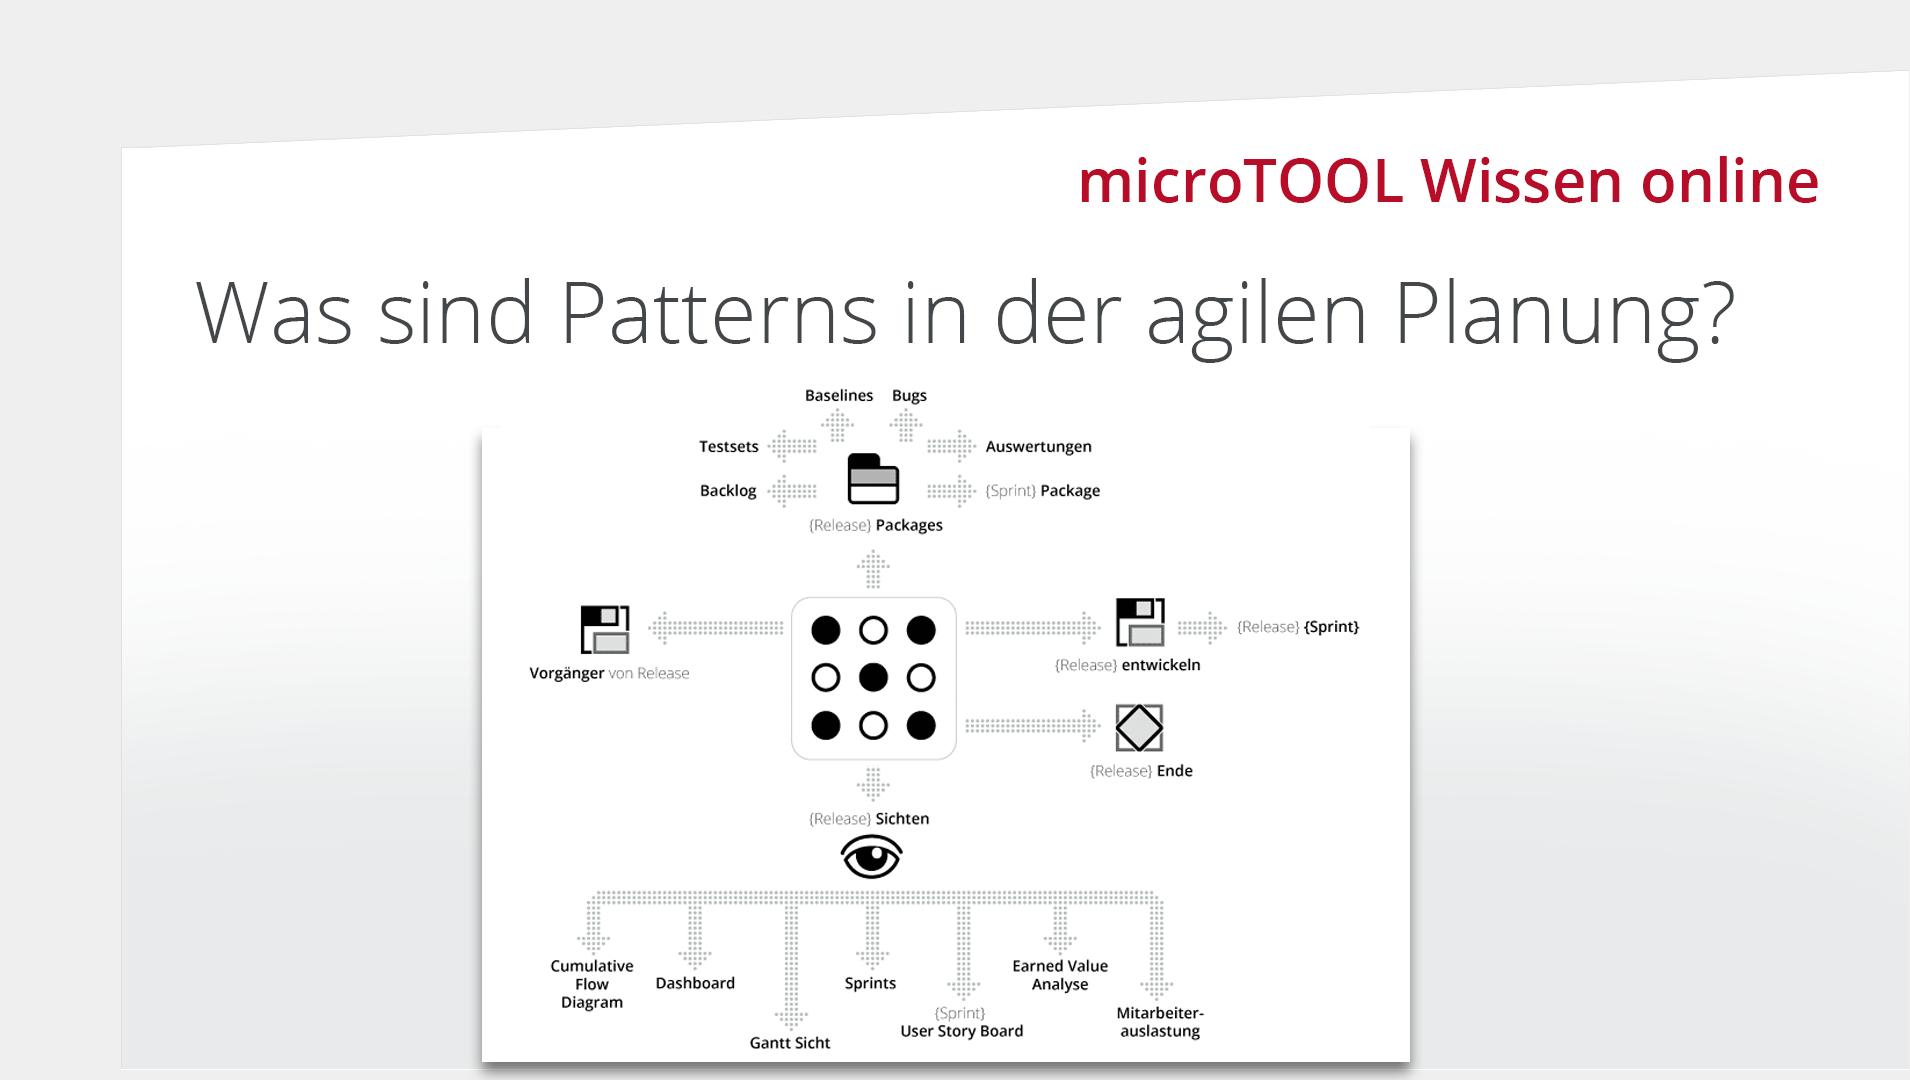 Was sind Patterns in der Agilen Planung?